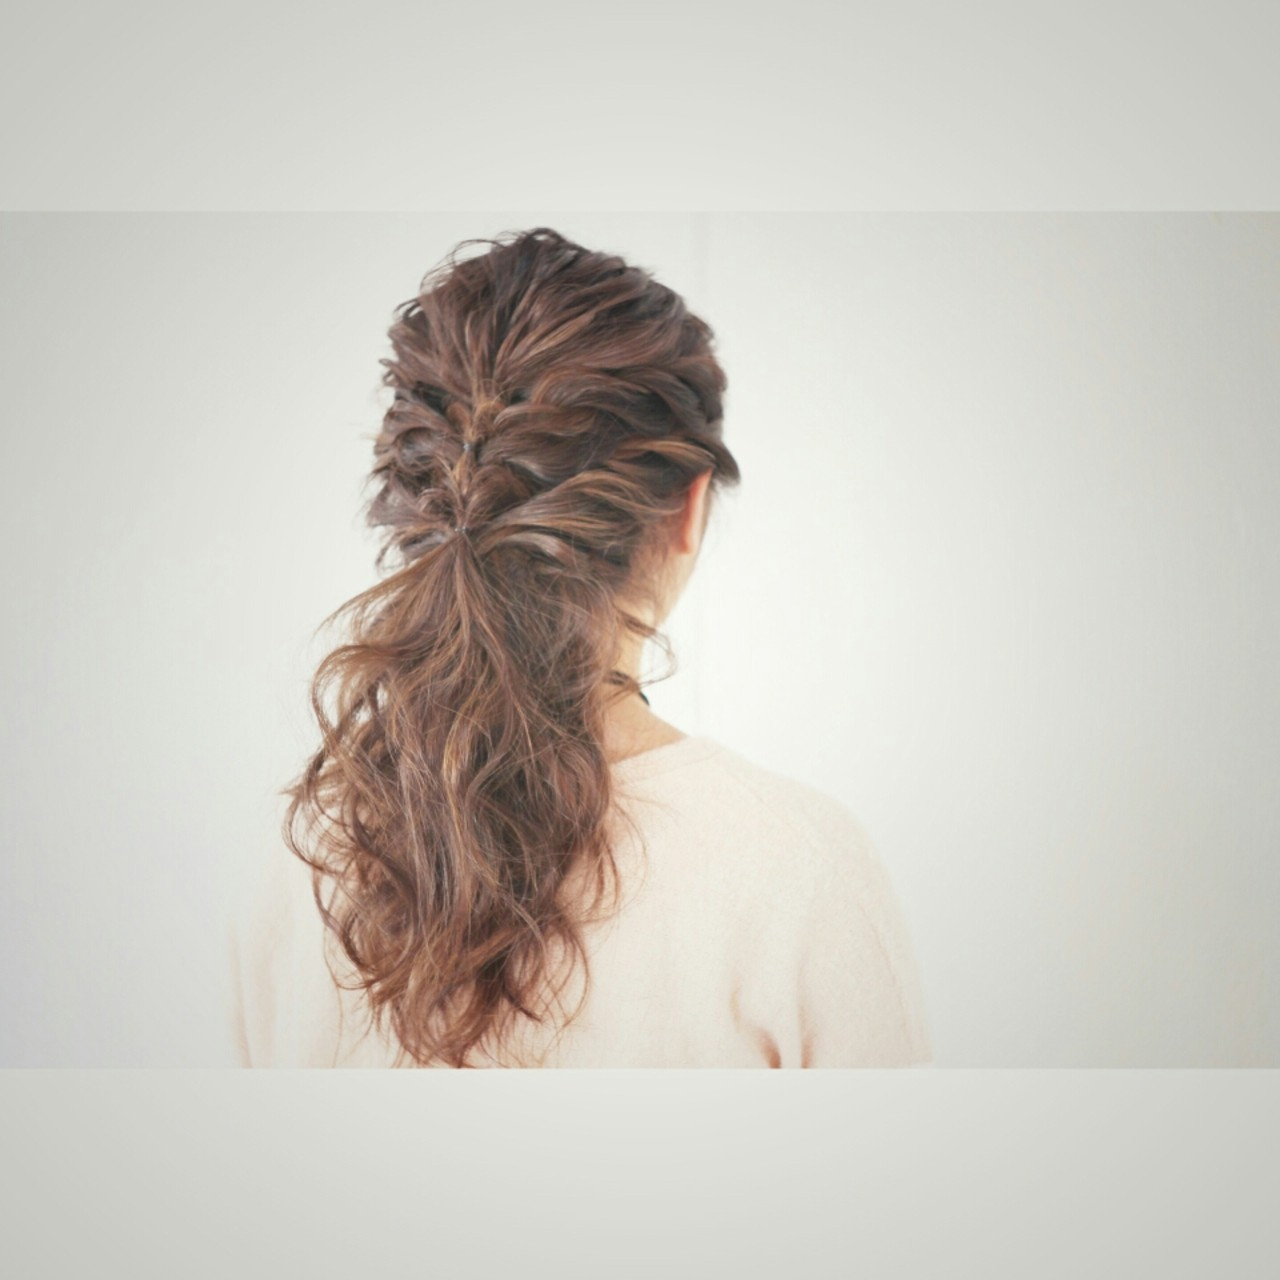 ナチュラル 簡単ヘアアレンジ 大人かわいい セミロング ヘアスタイルや髪型の写真・画像 | 福原 慶之 / intimhair